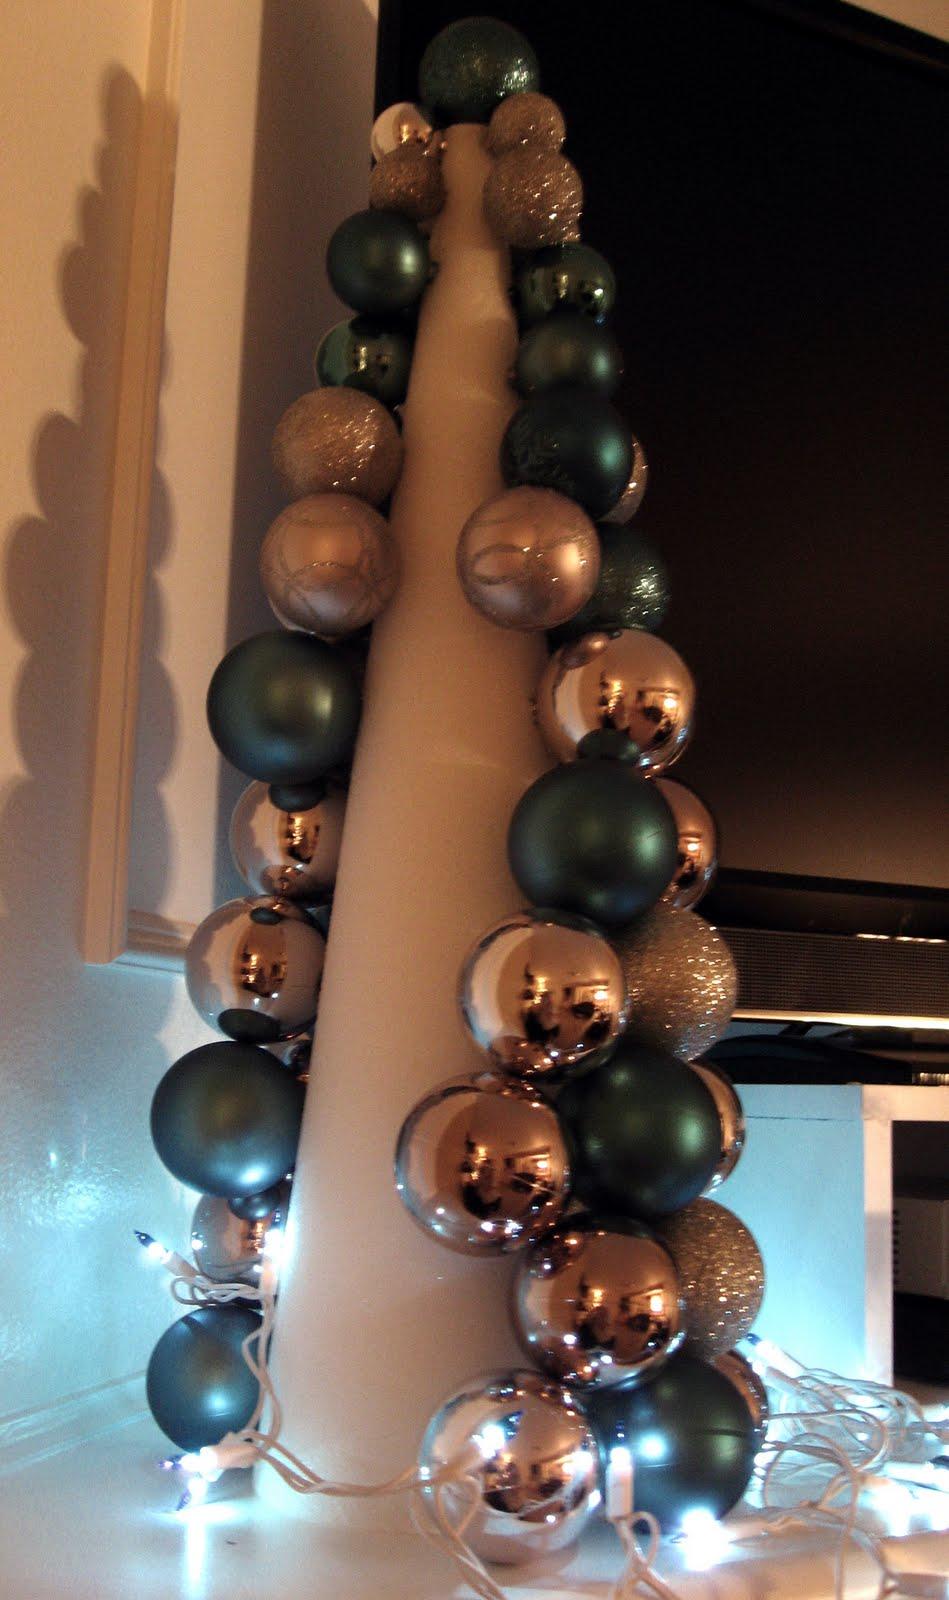 Настольные елки на конусах разной высоты: елка из елочных шаров - принцип создания, вид сзади